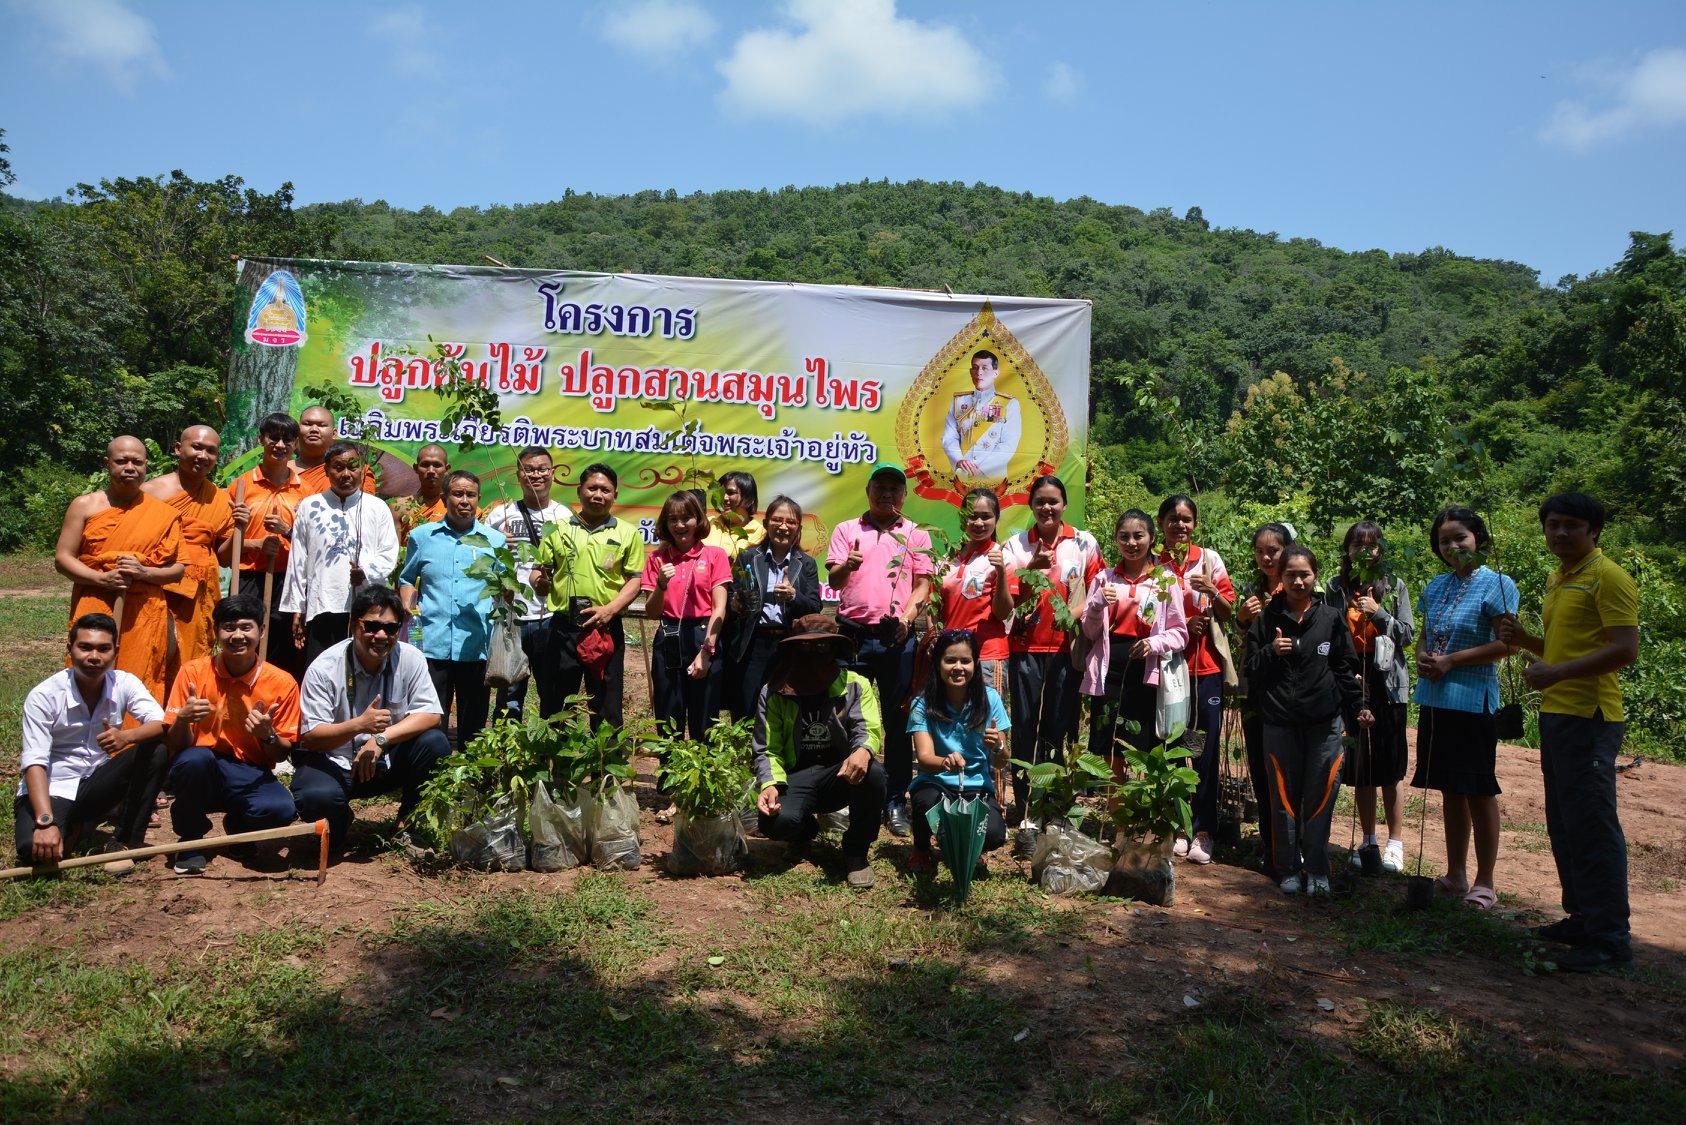 โครงการปลูกต้นไม้ ปลูกสวนสมุนไพร